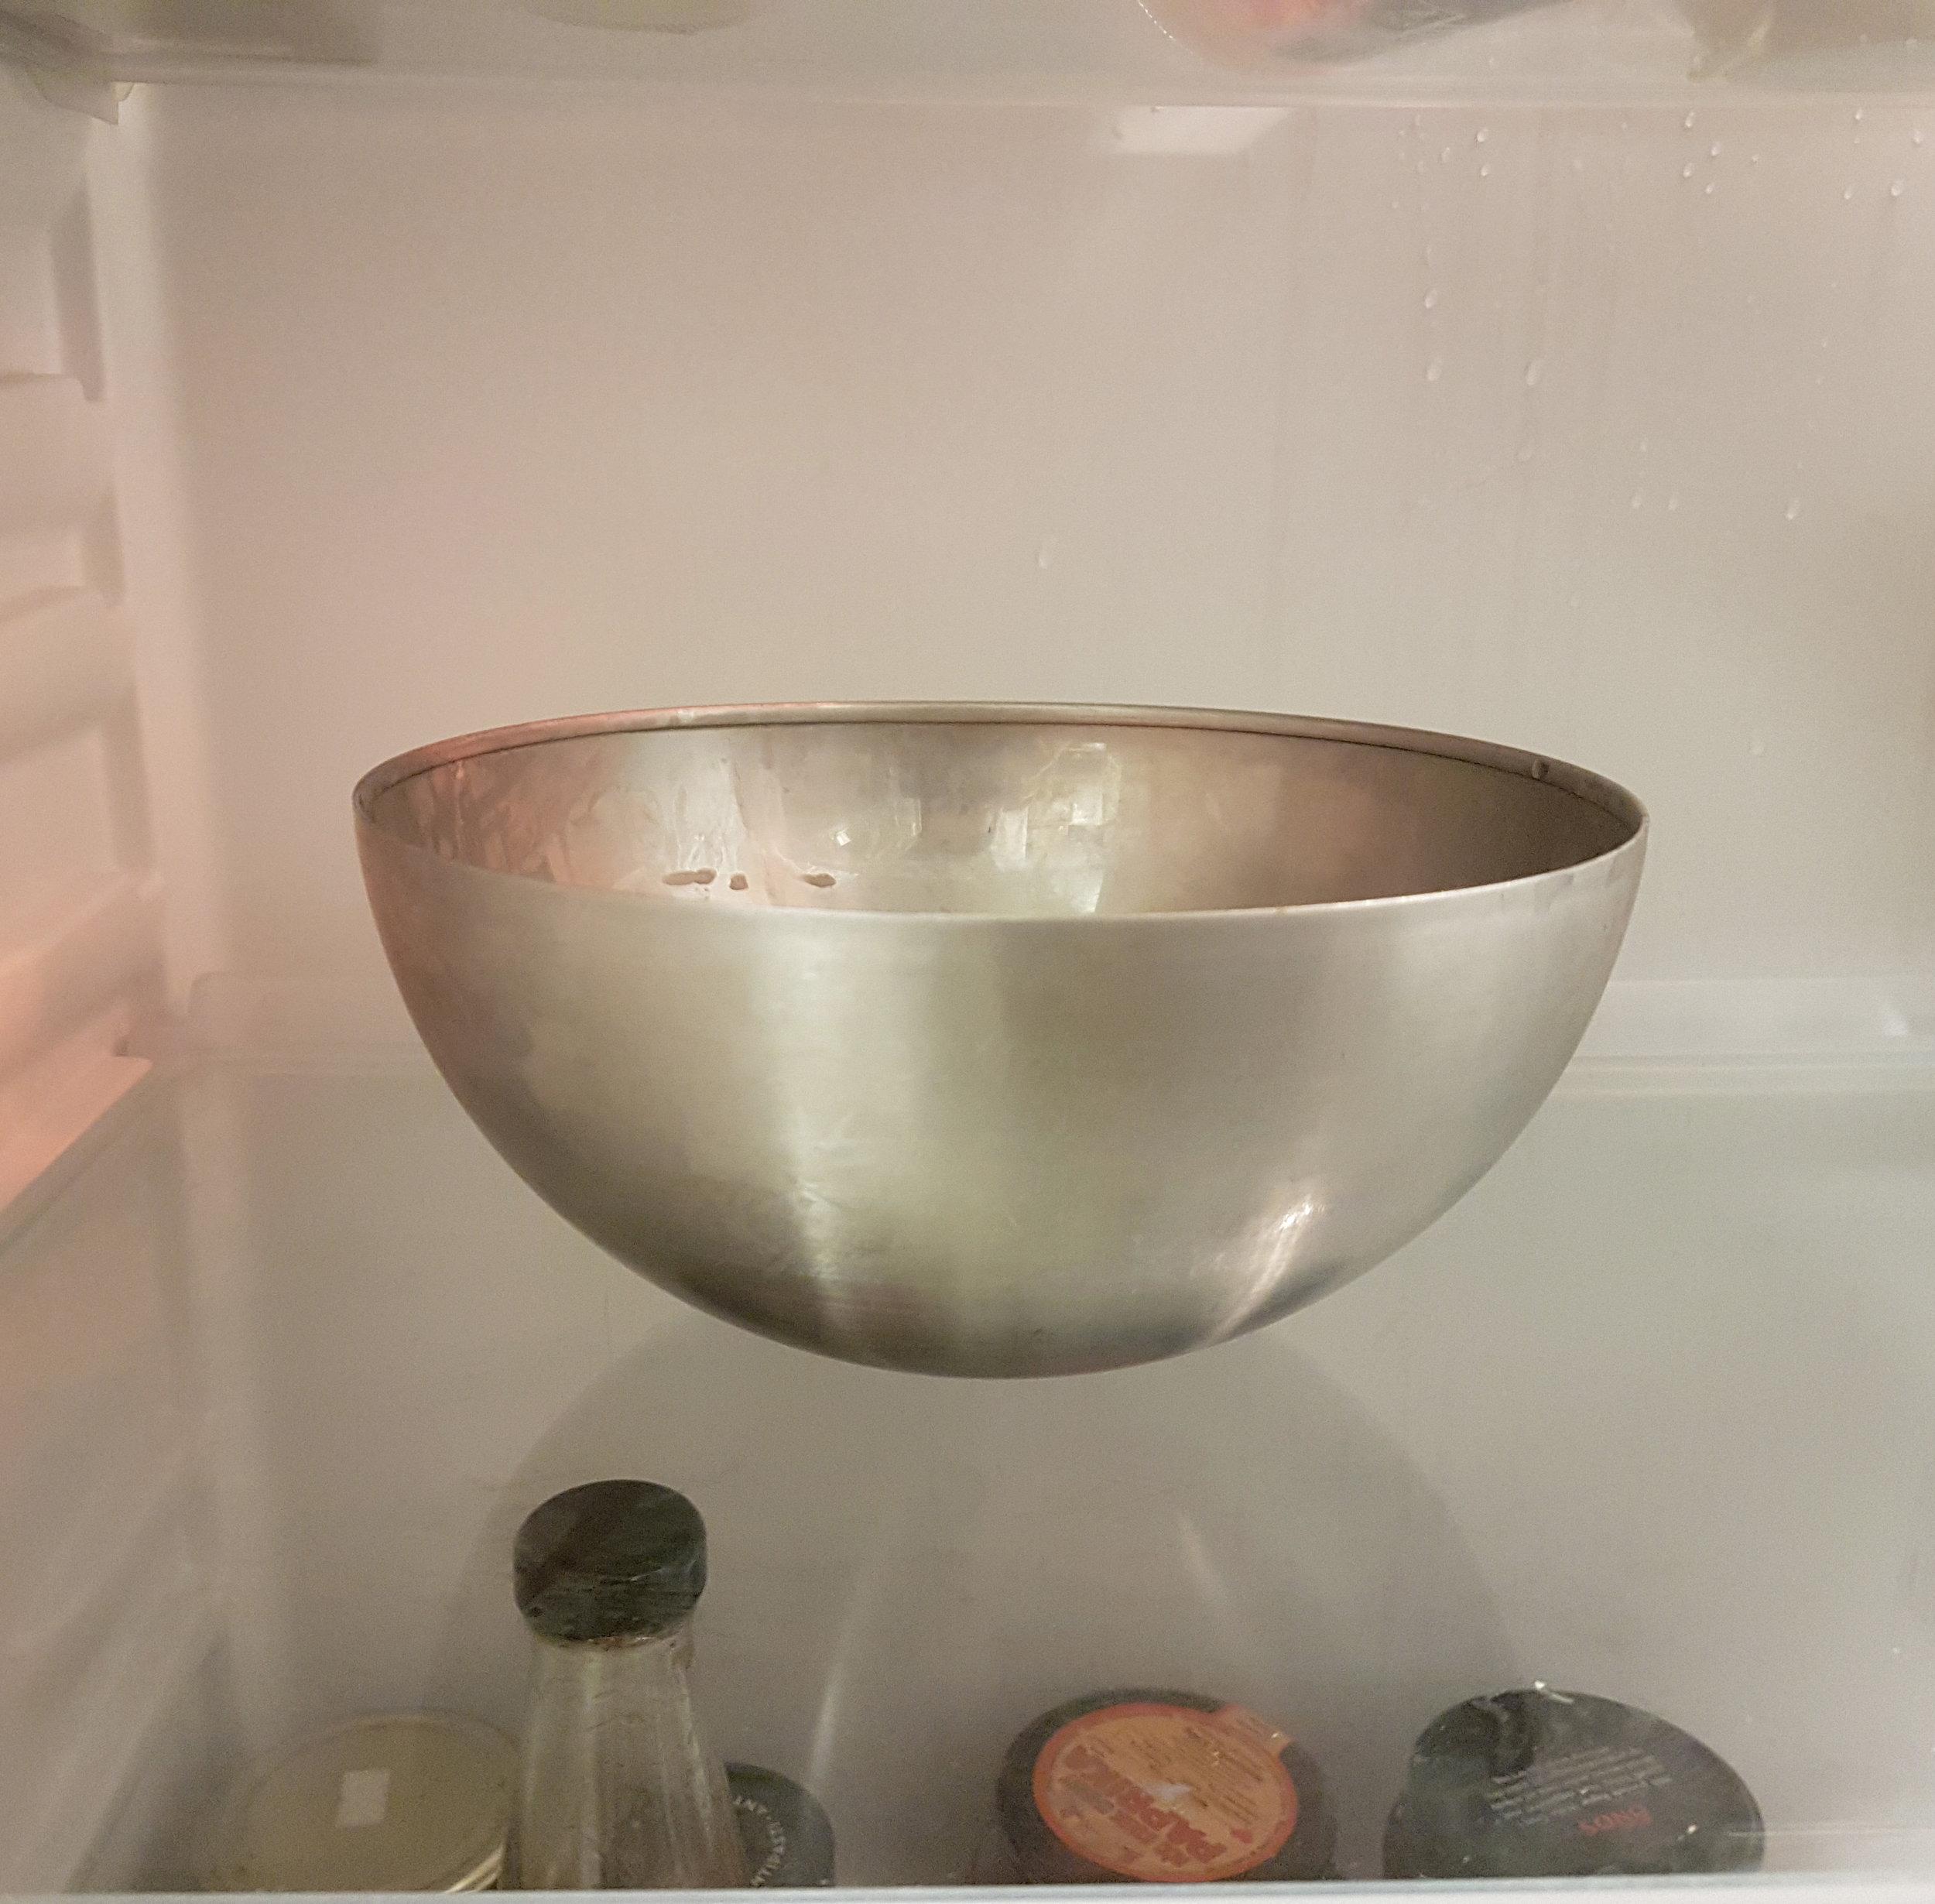 När det har smält. Ta det av värmen och svalna. Därefter droppar du i eterisk olja och häller ev. i mandelolja, jojobaolja och E-vitamin. Sätt in i kylskåp så att det stelnar. -